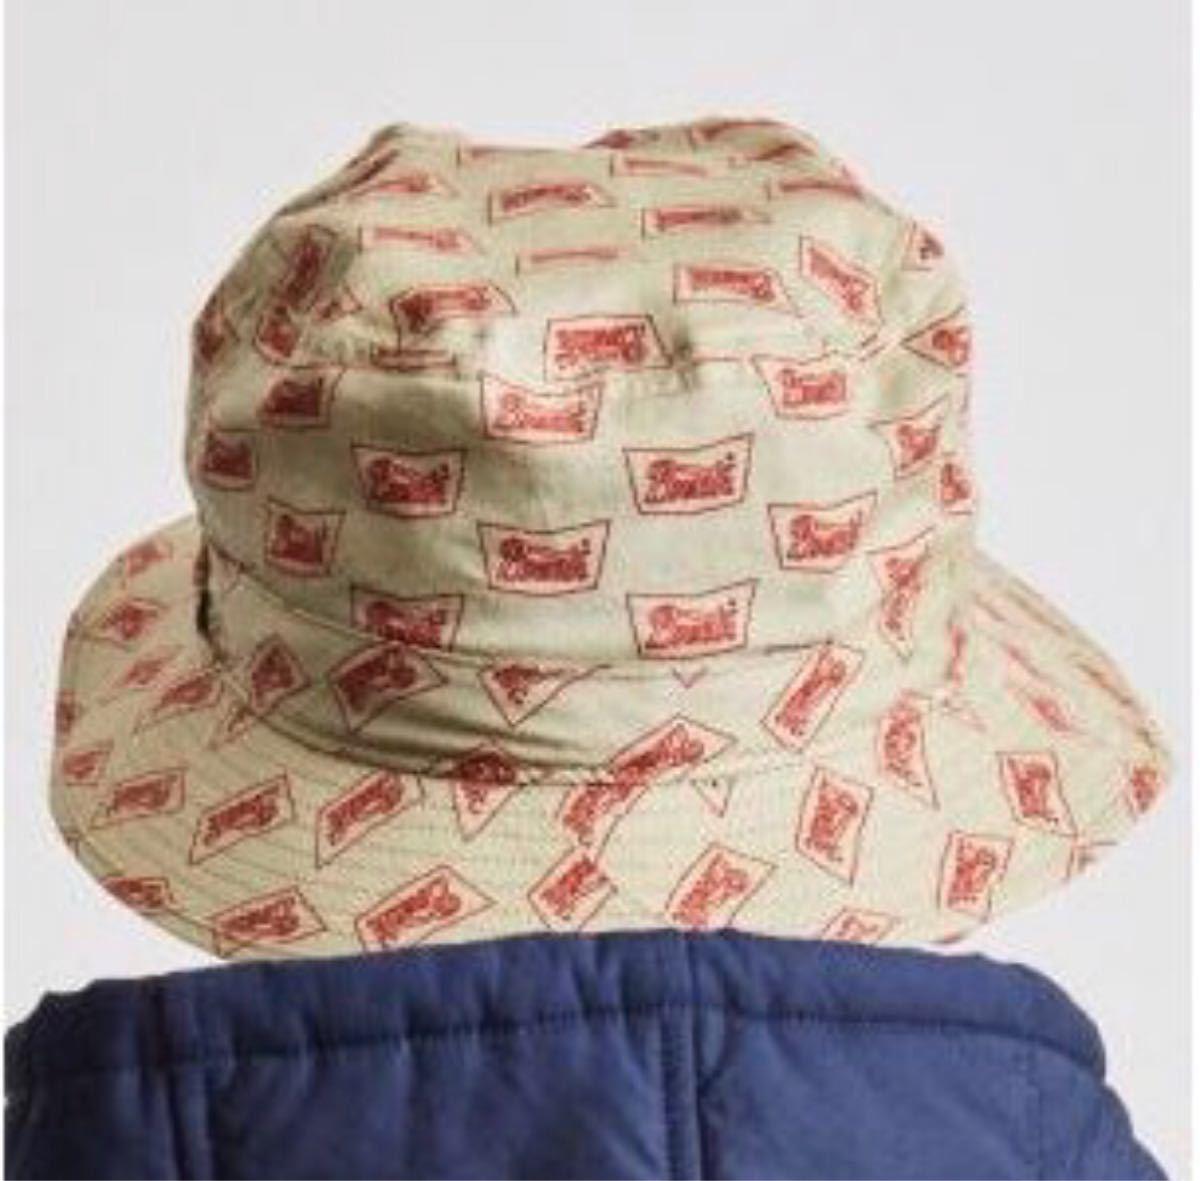 ブリクストン brixton バケットハット bucket hat tcss